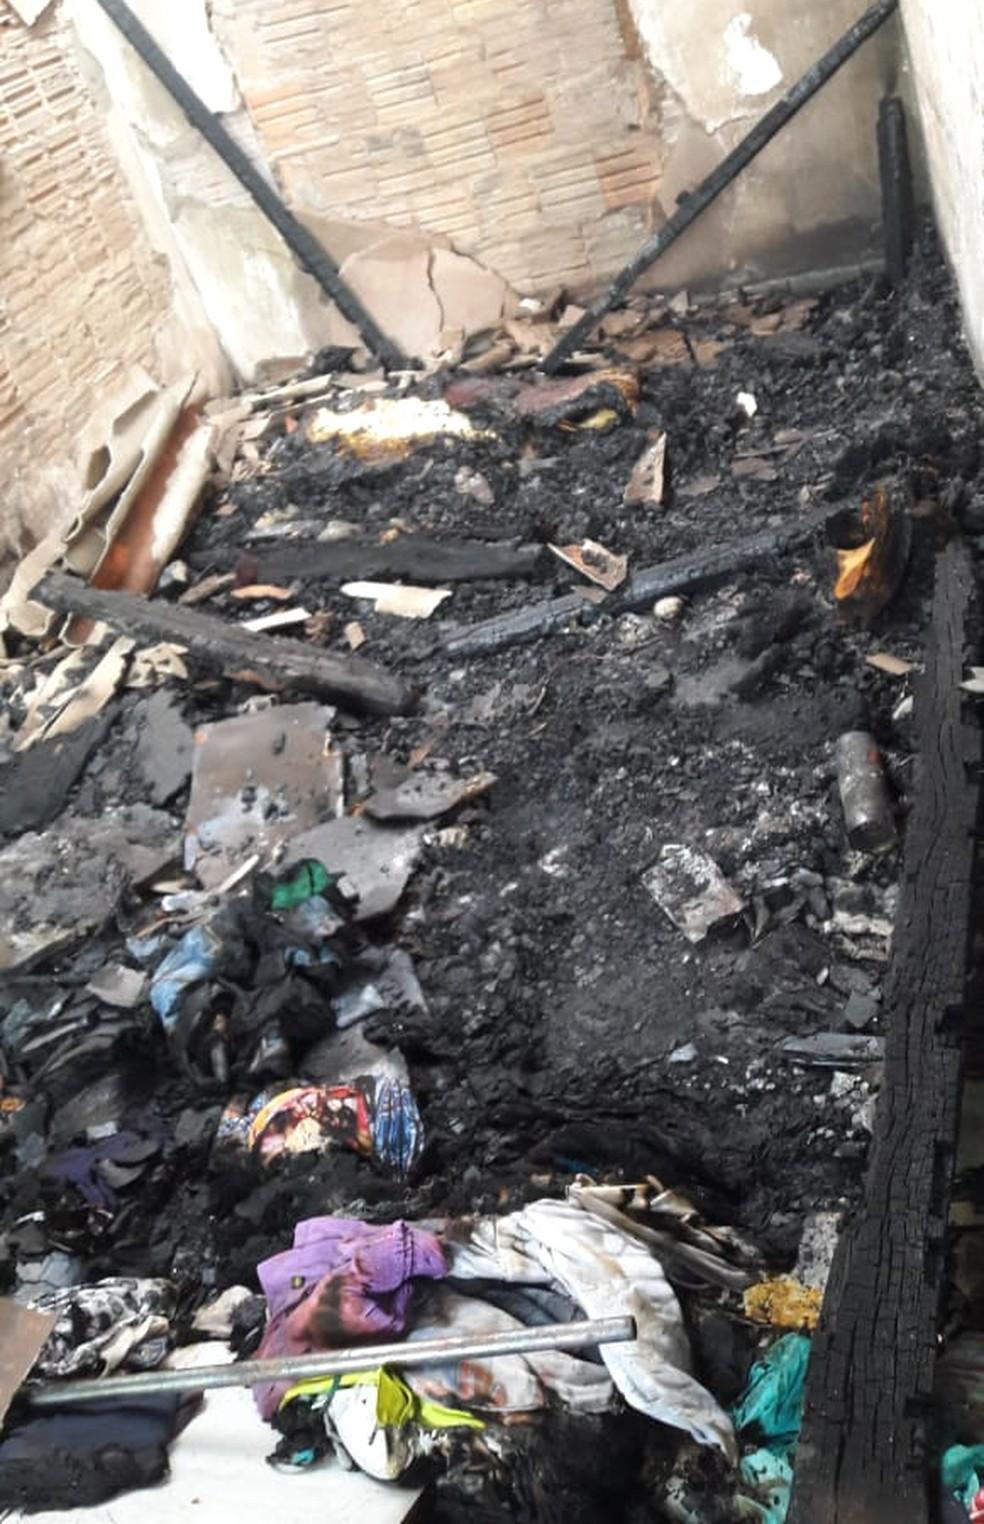 Casa da vítima após incêndio provocado pelo suspeito para destruir provas (Foto: Polícia Civil-MT/Divulgação)